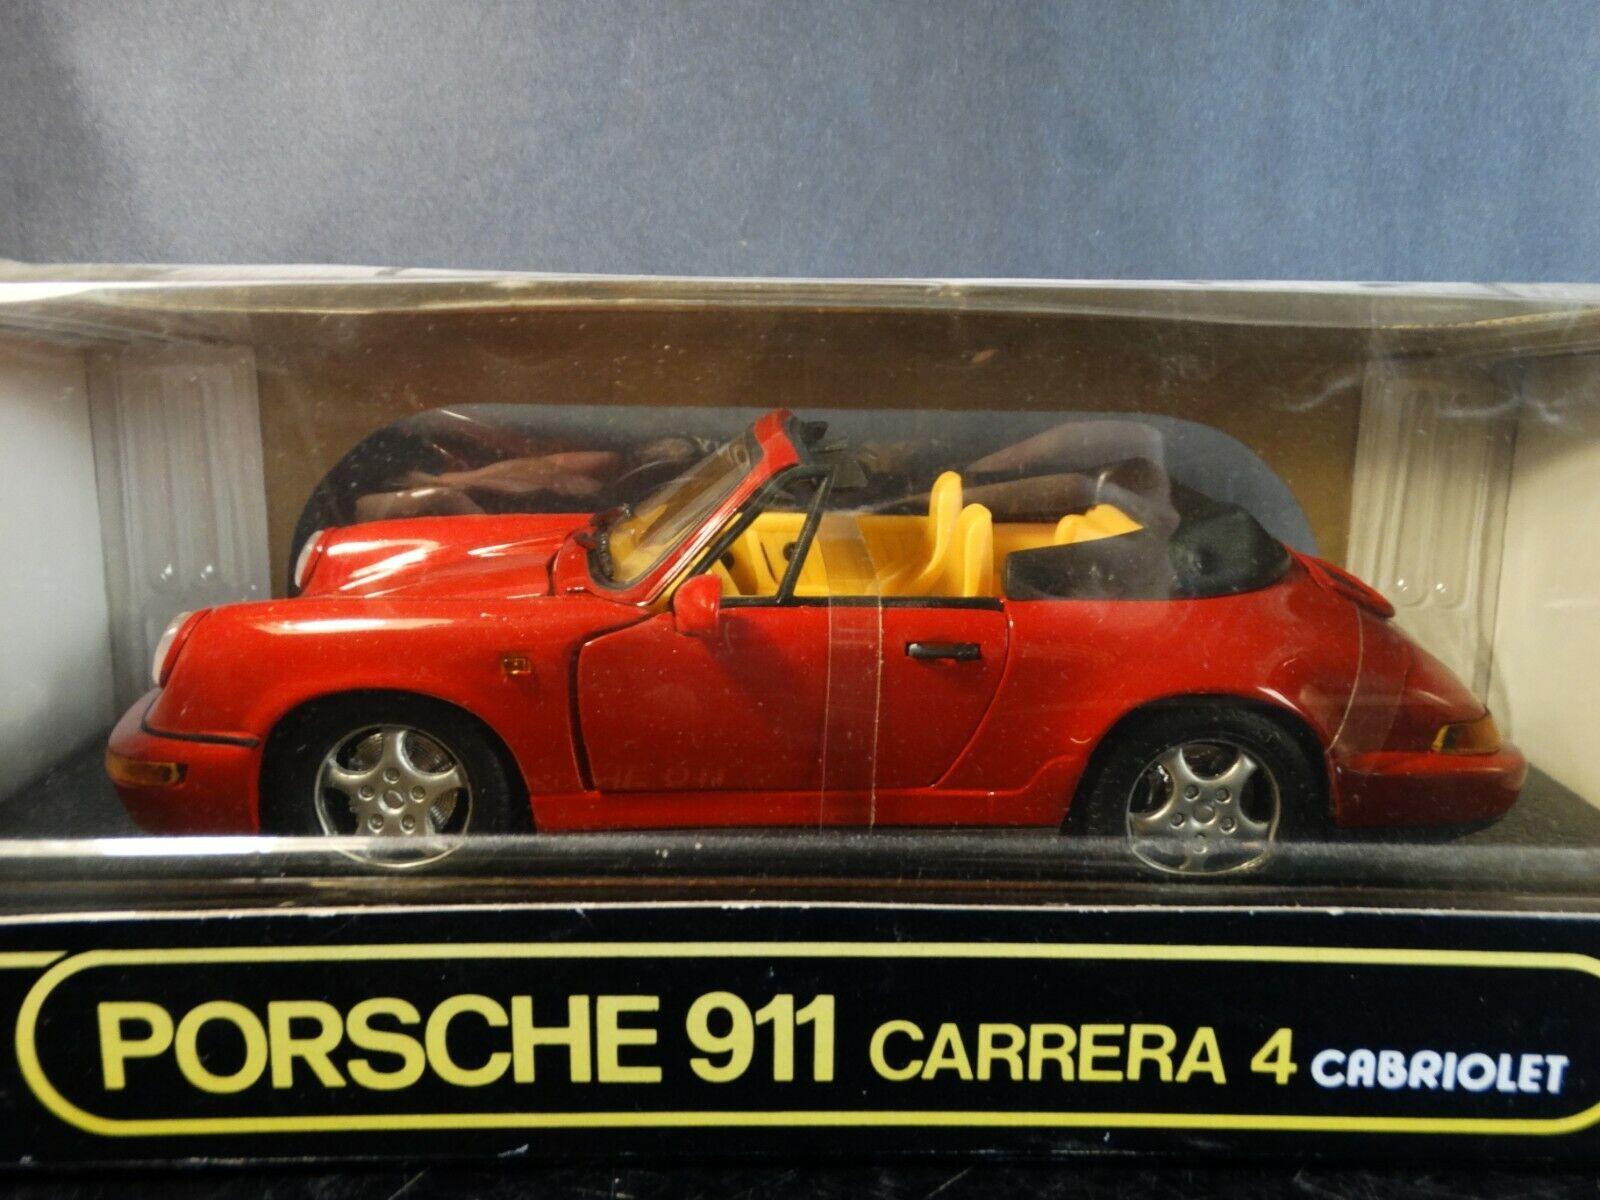 ANSON PORSCHE 911 autoRERA 4 Cabriolet 1 18 SCALA DIECAST modelloLO AUTO ROSSO 30309